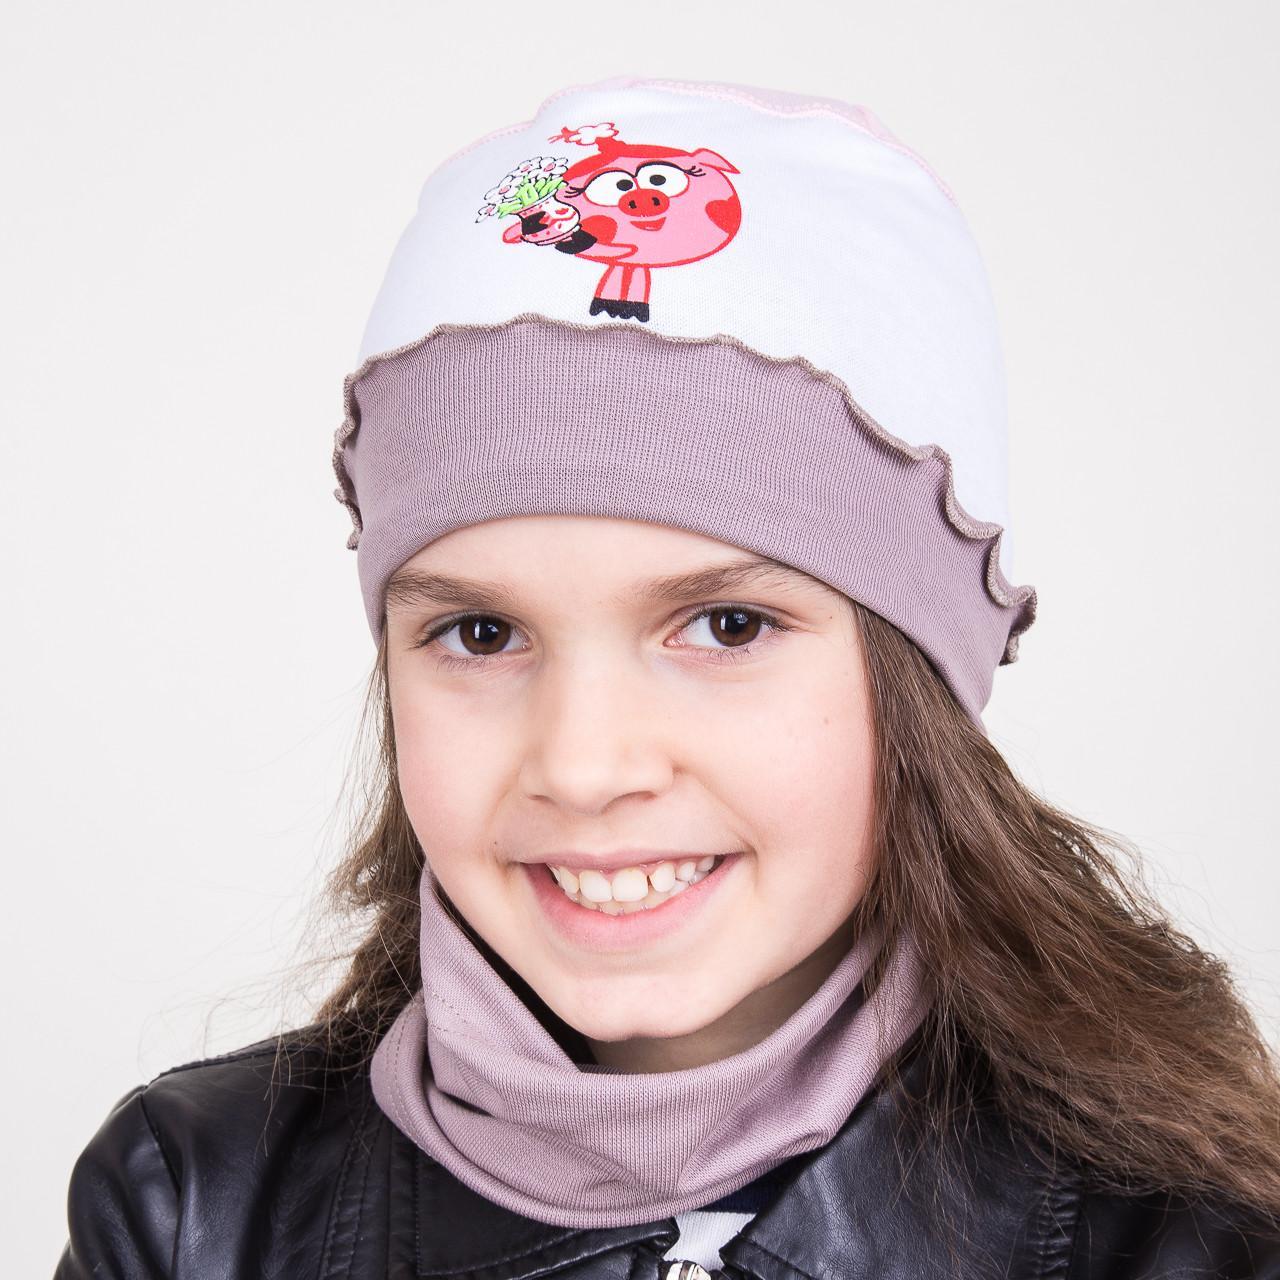 Шапочка для маленьких девочек на весну 2018 - Пеппа